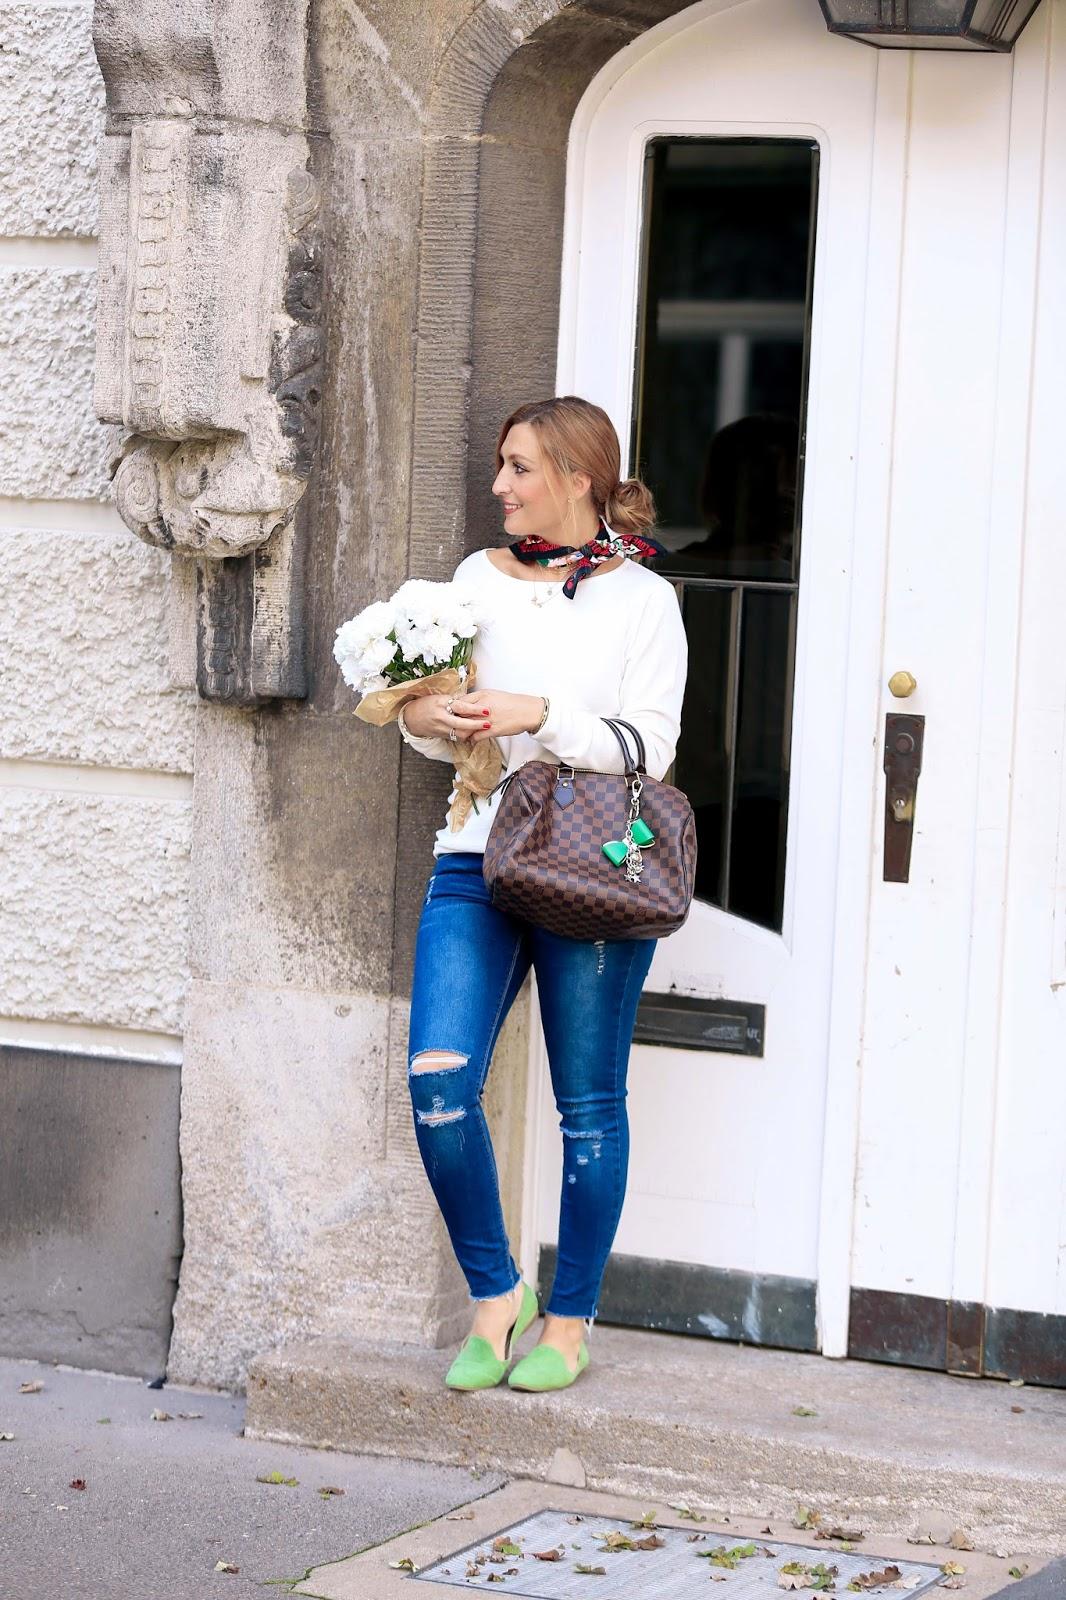 Seidentuch-Halstuch-Fashionstylebyjohanna-LV-Speedy-Braune-LouiseVuitton-Tasche